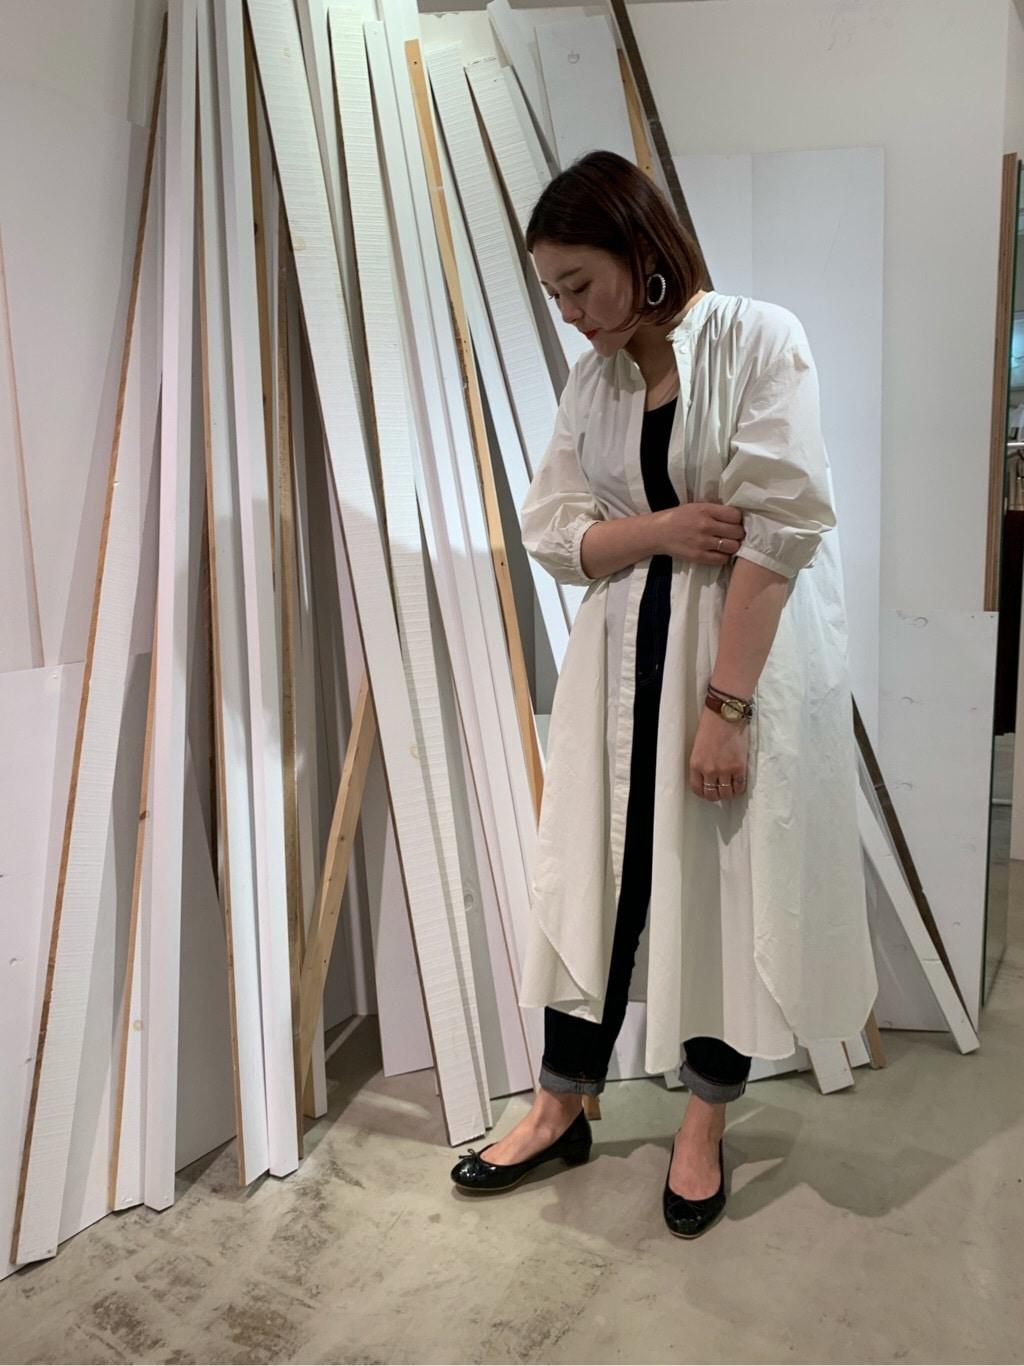 l'atelier du savon 京都路面 身長:166cm 2019.08.06